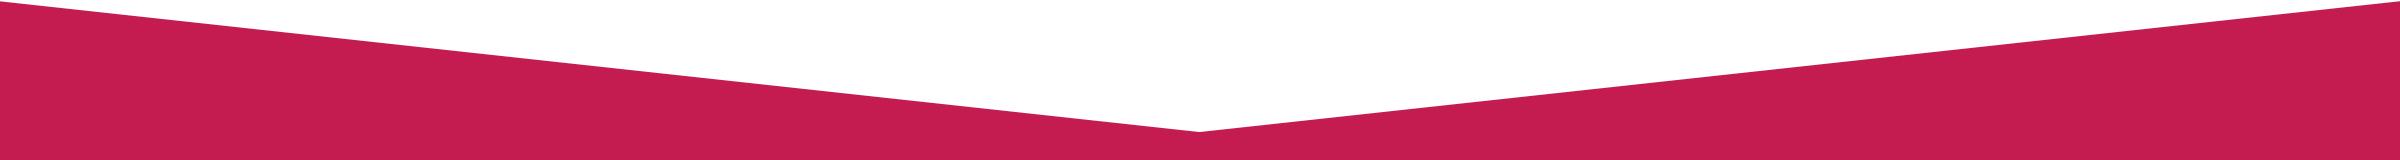 arrow-full-width